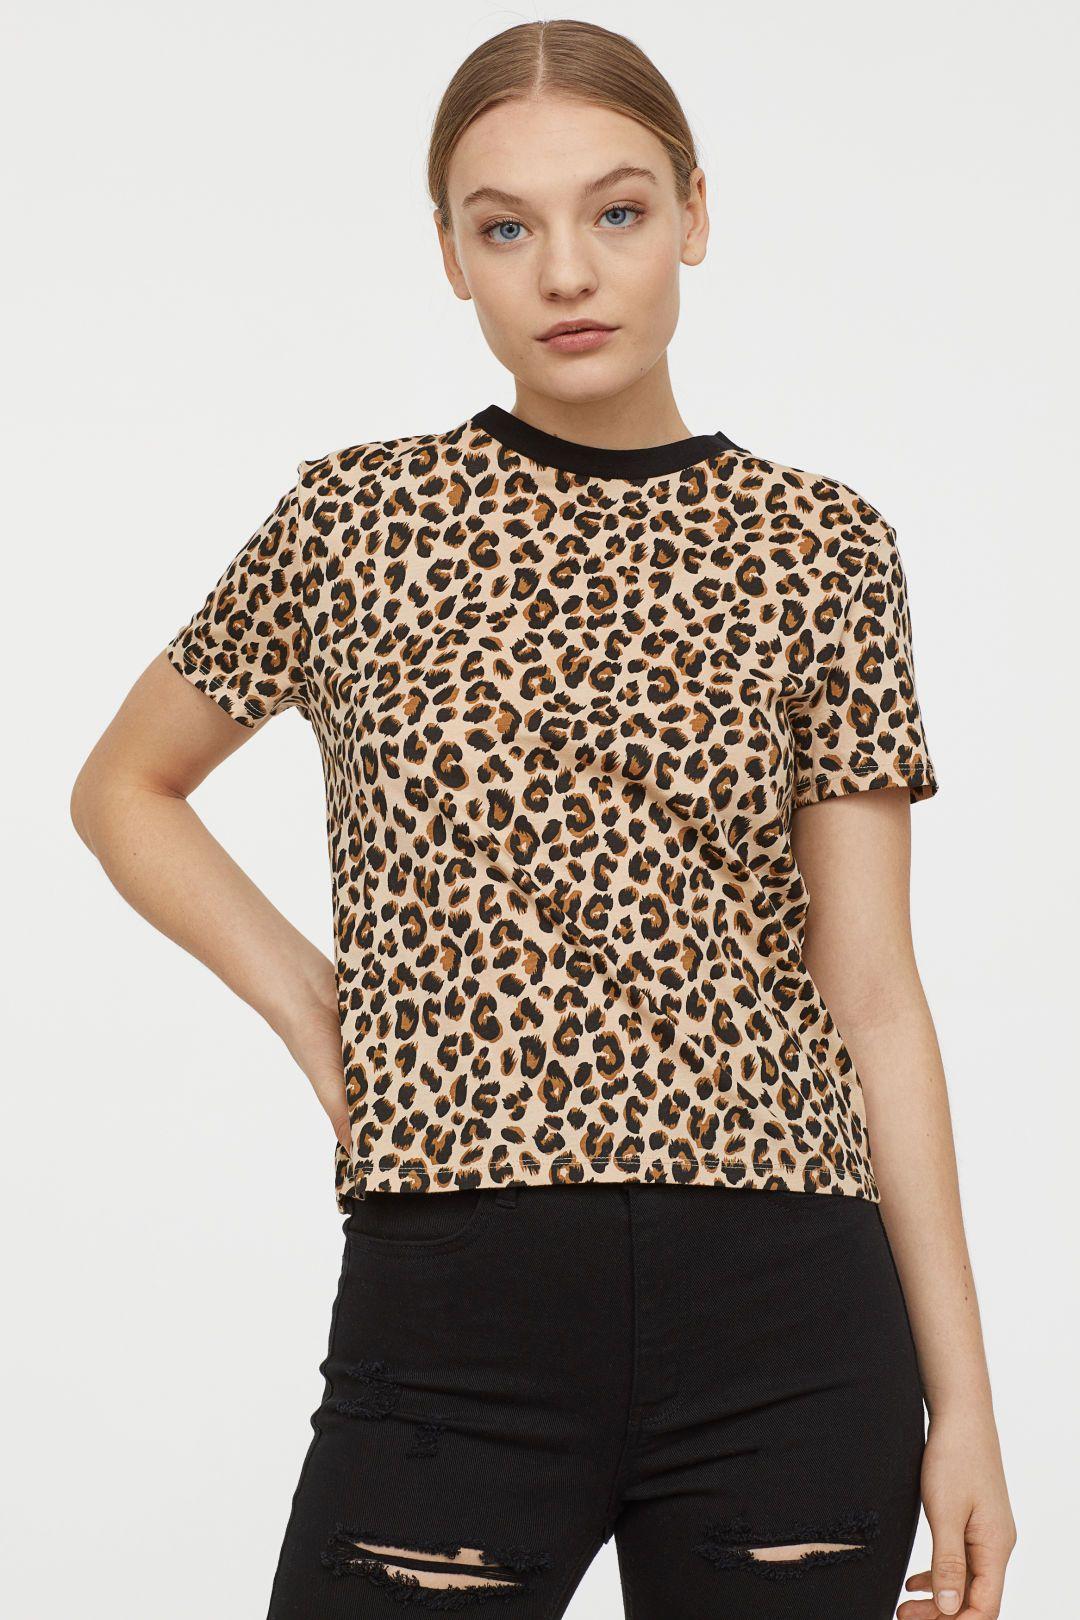 Cotton T Shirt Light Beige Leopard Print Ladies H M Us Short Sleeve Tops Women Short Sleeve Shirt Women Affordable Womens Tops [ 1620 x 1080 Pixel ]